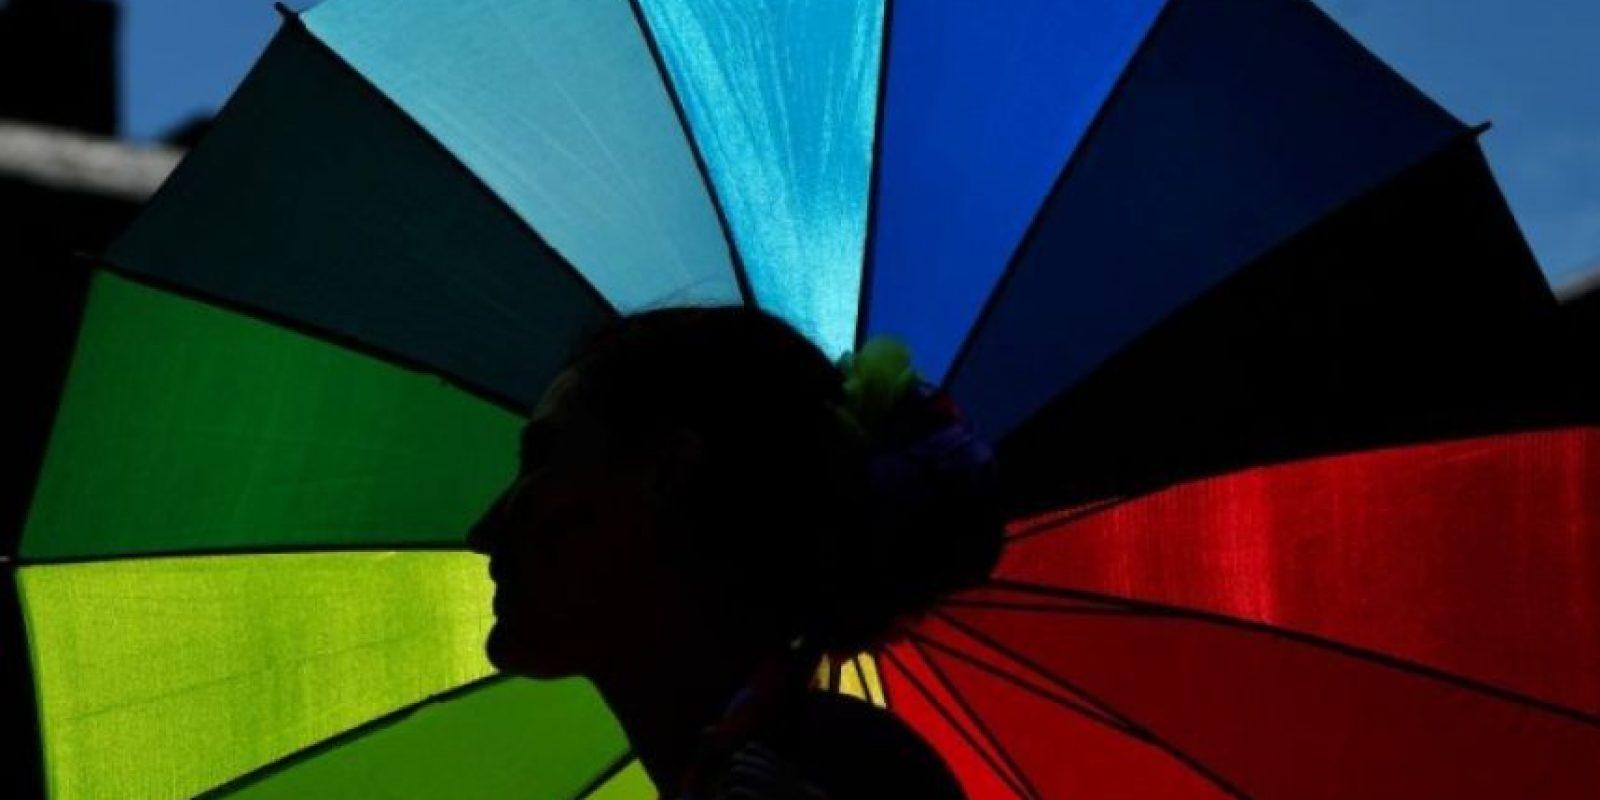 """Desde mayo de 2013, las parejas del mismo sexo tienen derecho a tener el estatutos de """"matrimonio"""", de acuerdo a una sentencia de la Corte Federal Foto:Getty Images"""